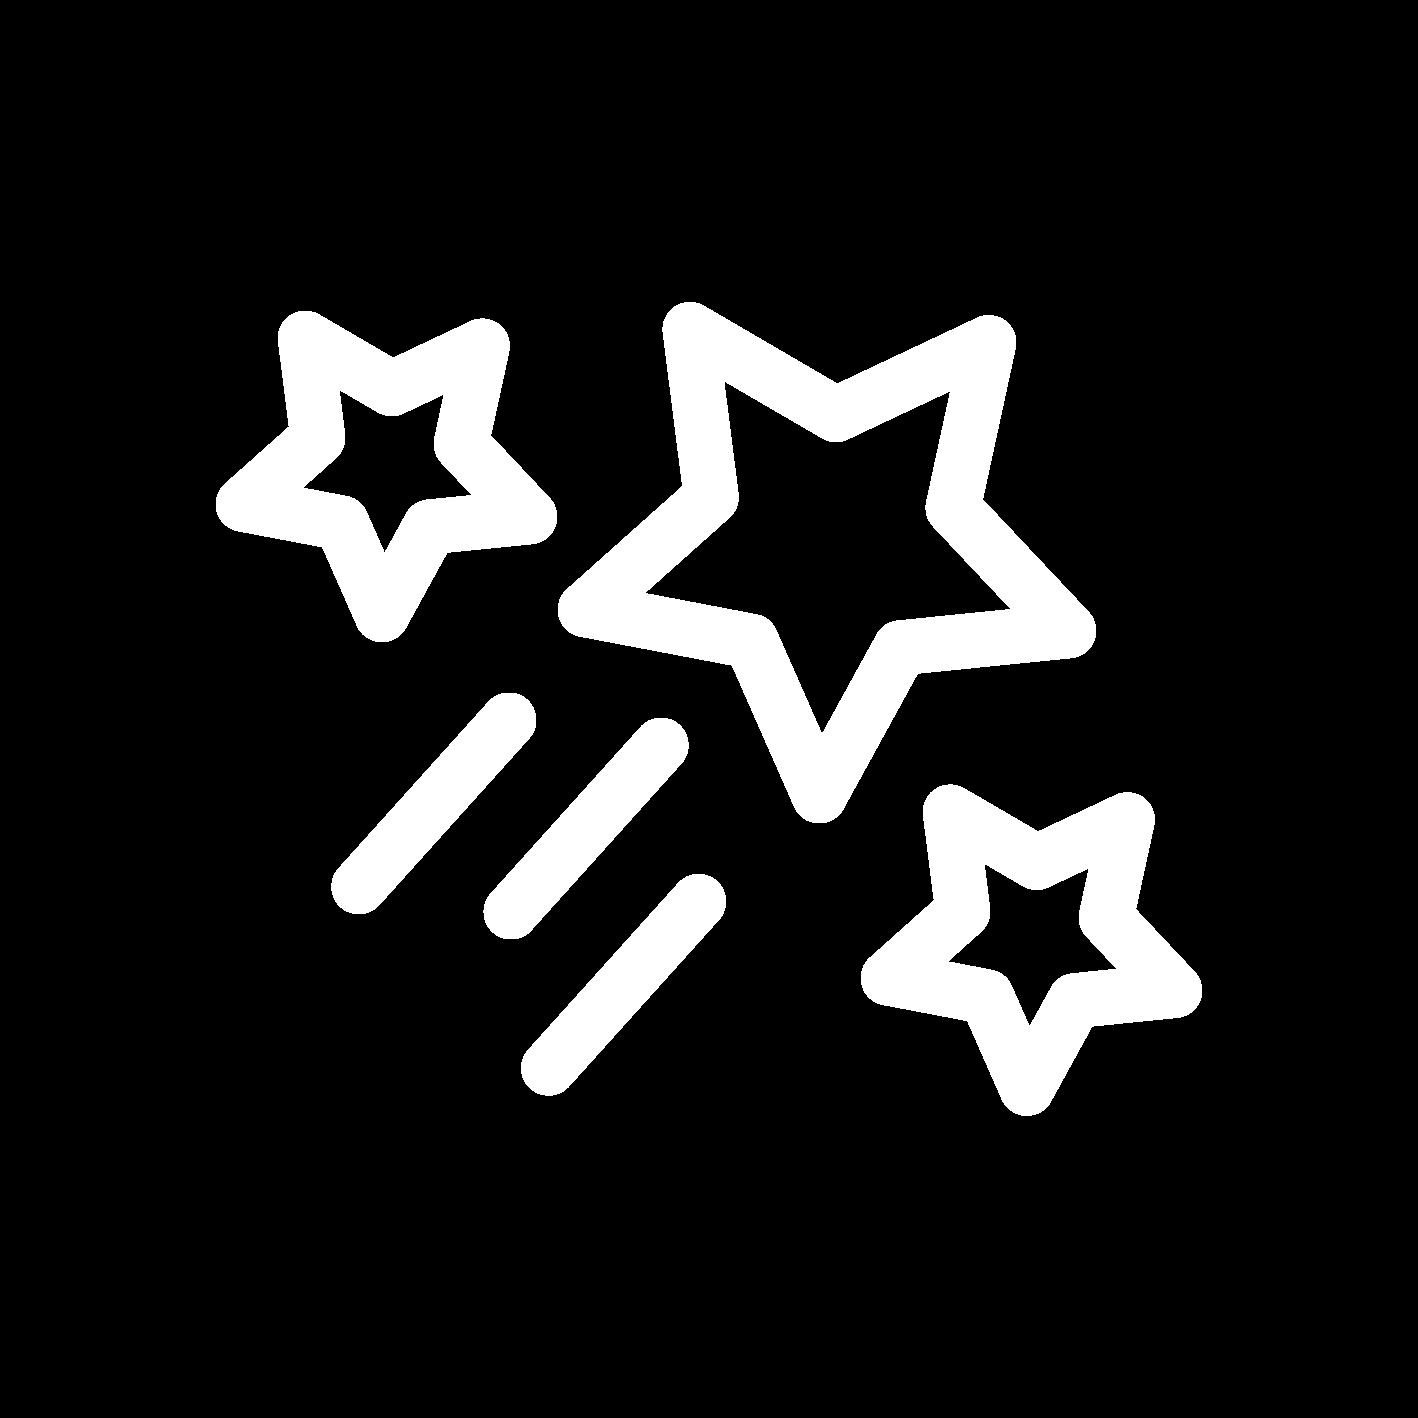 white shooting star icon